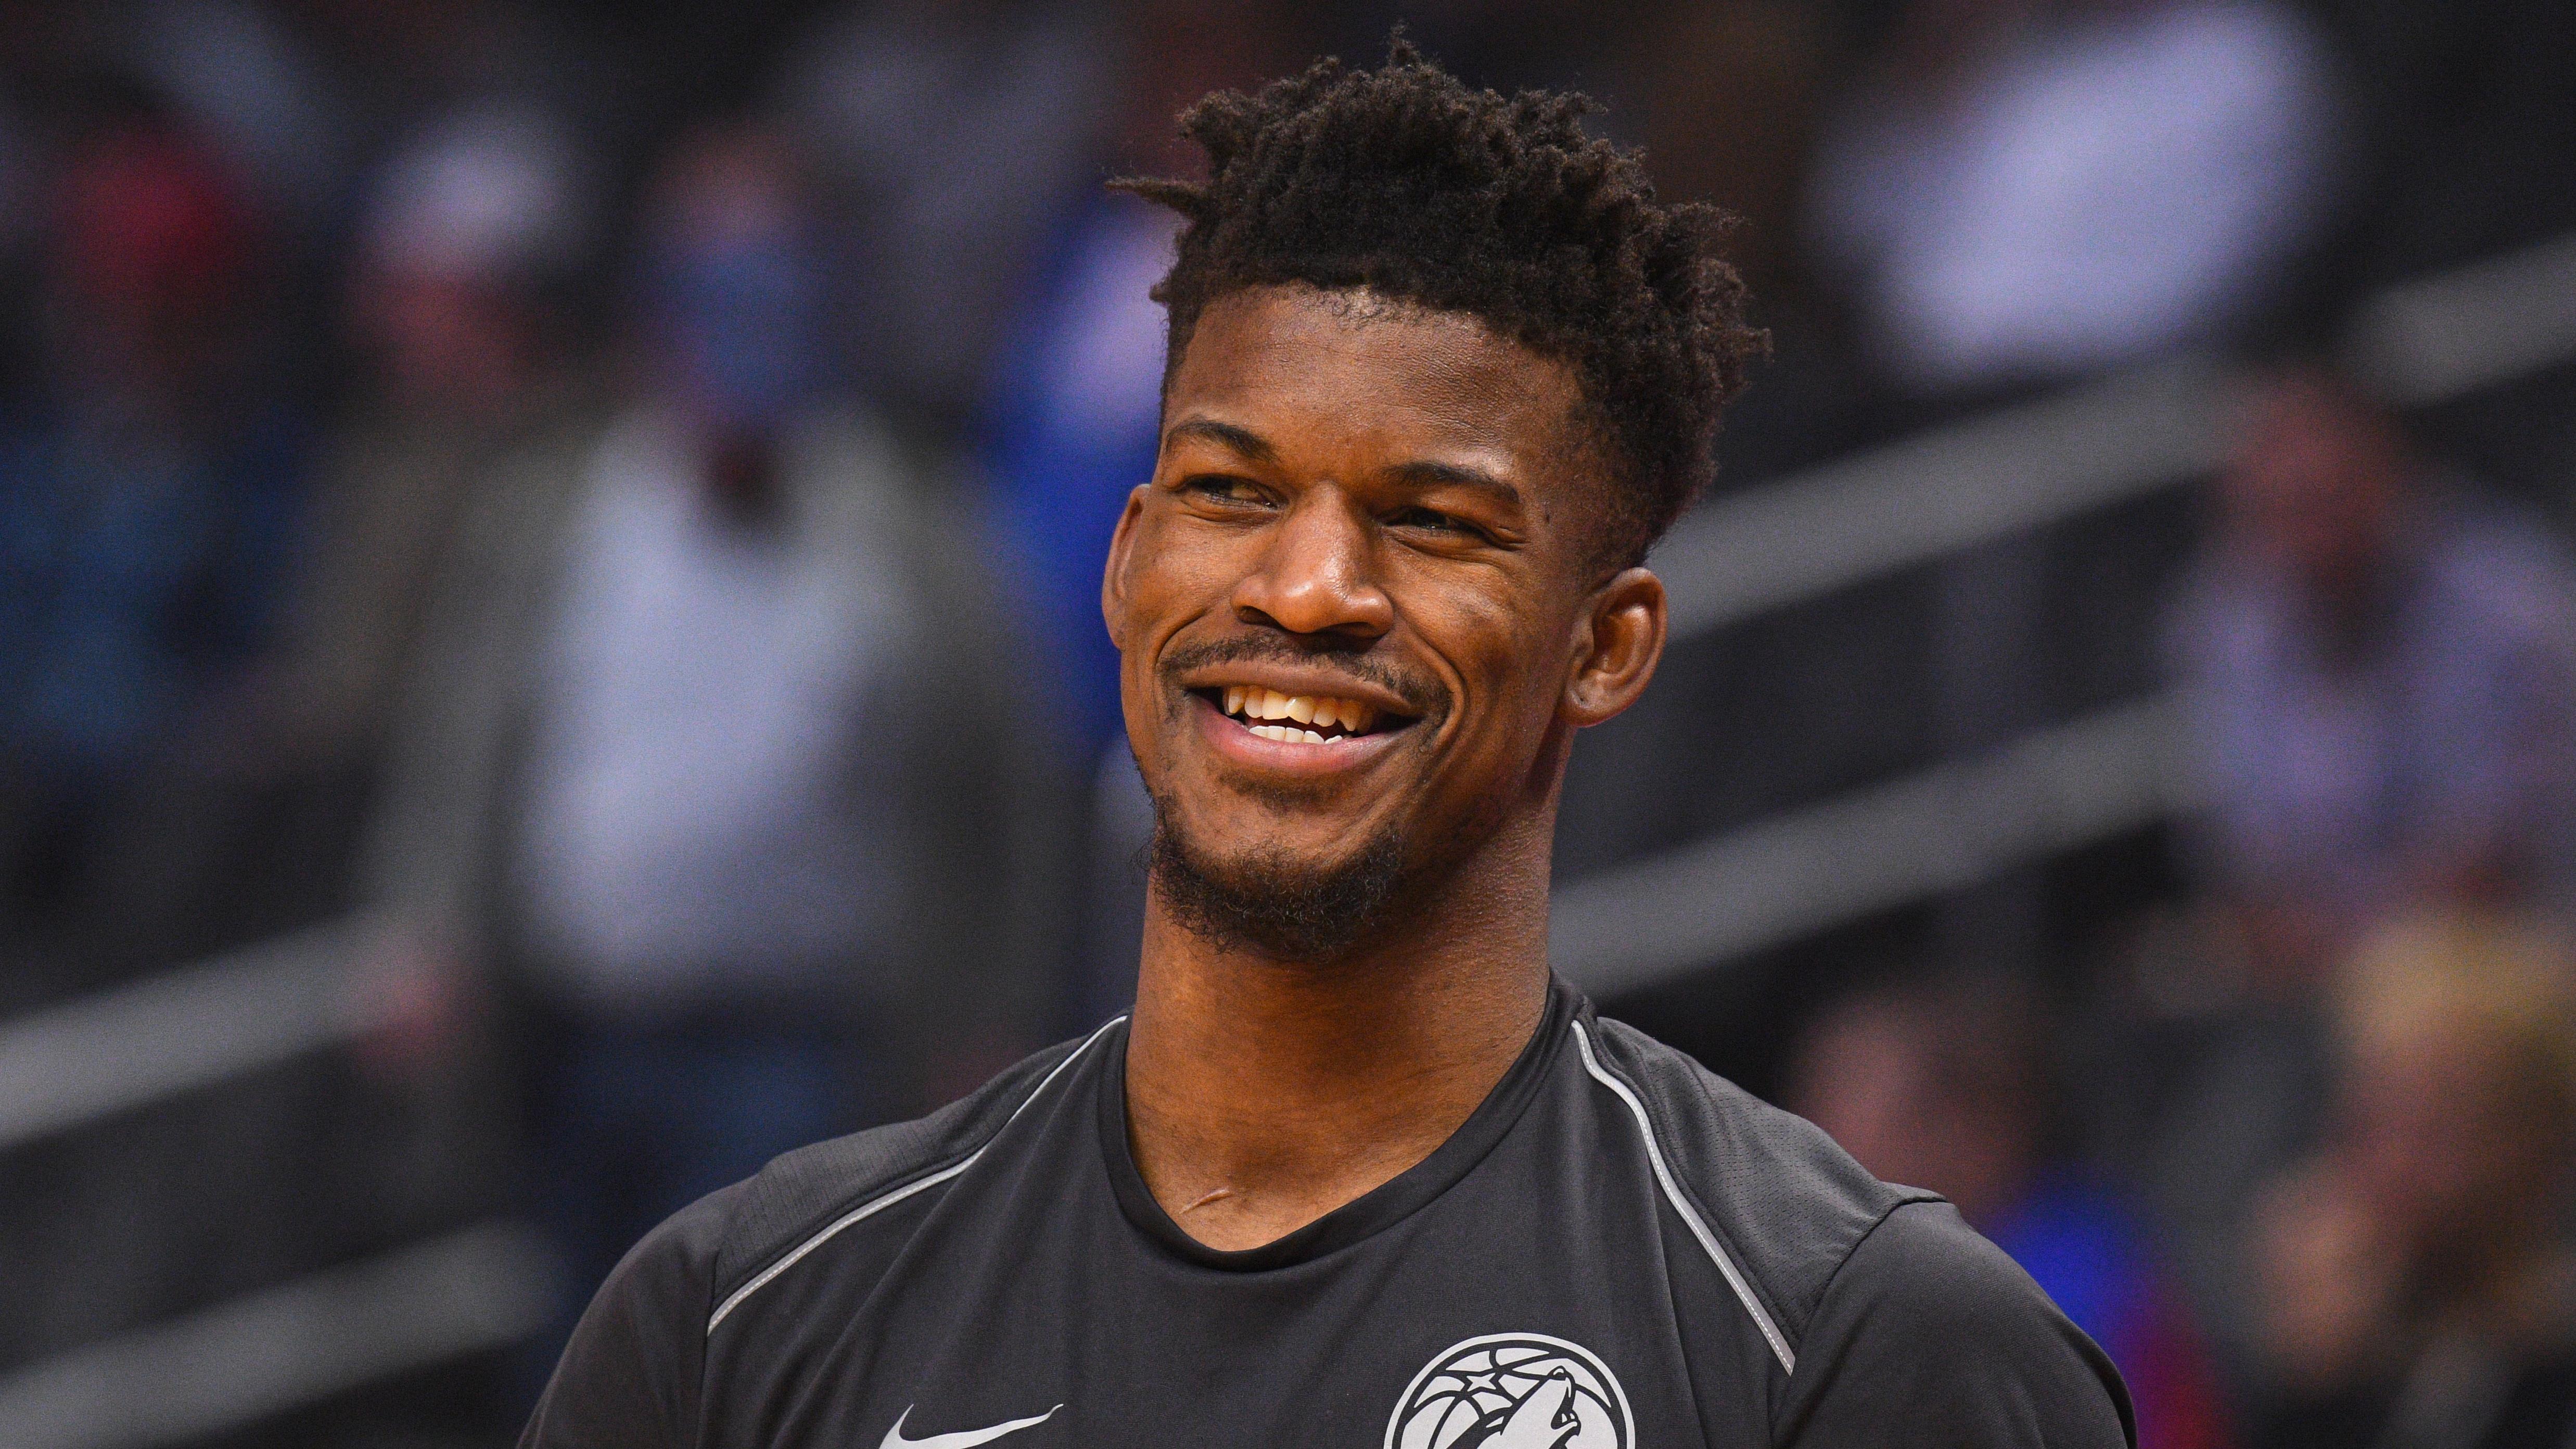 瘋狂挑釁!Butler回歸訓練大罵管理層和隊友:沒我你們根本贏不了!-Haters-黑特籃球NBA新聞影音圖片分享社區